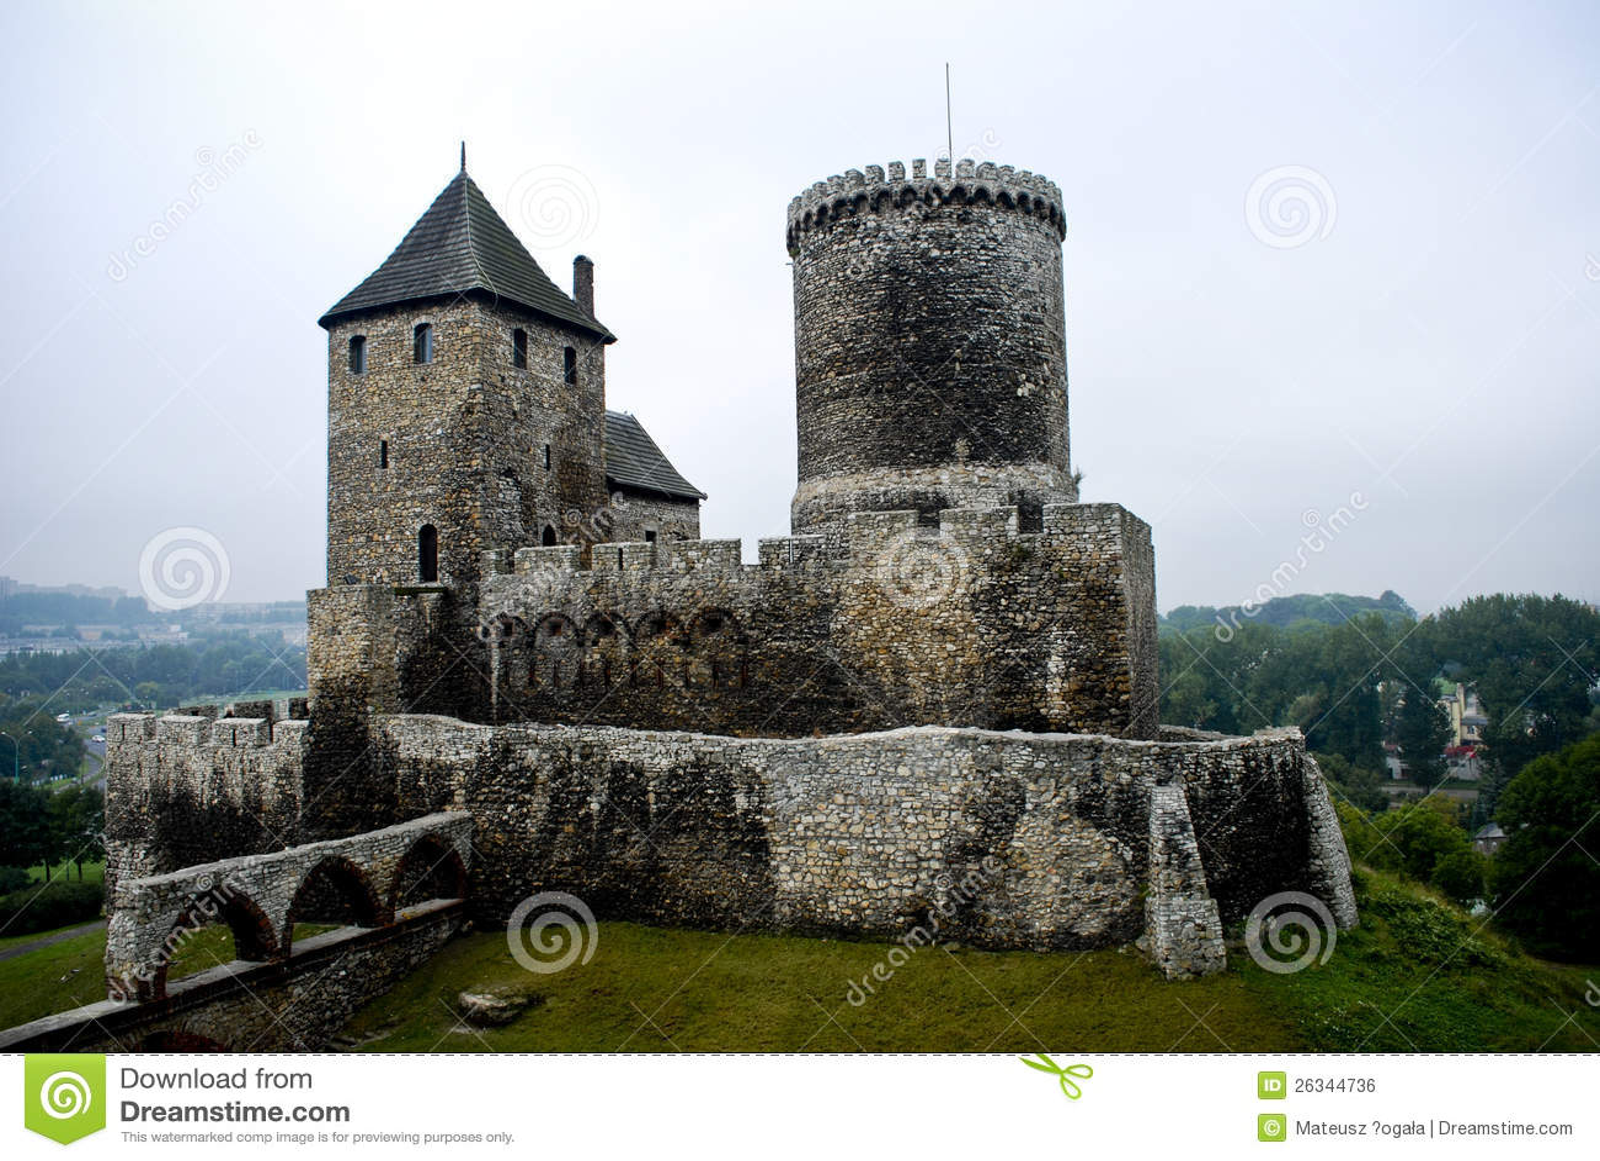 castle bedzin poland medieval - photo #6